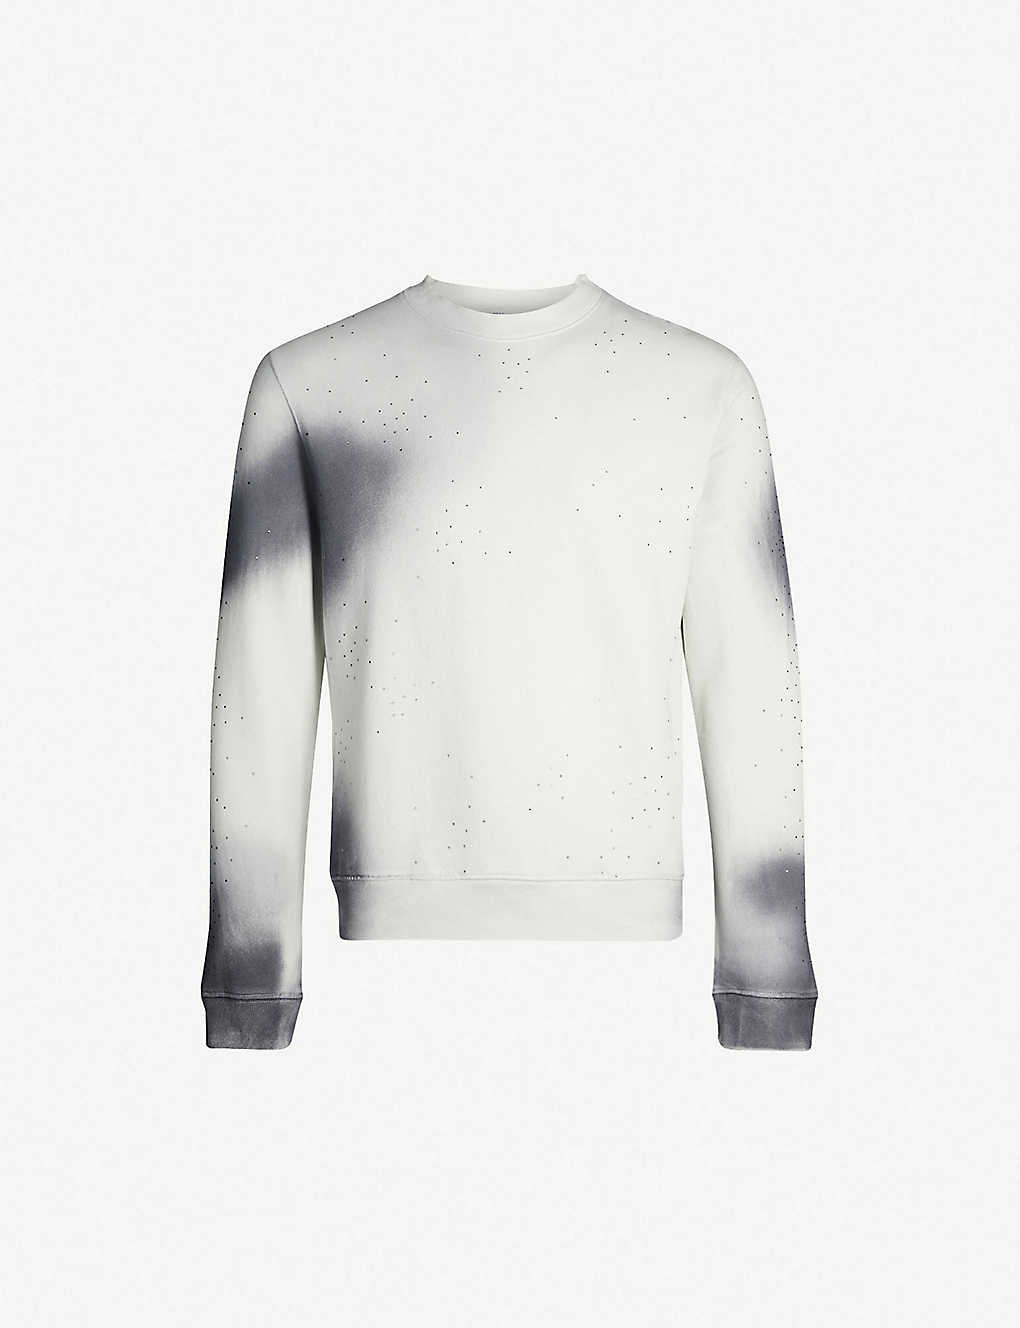 61813dff0 OFF-WHITE C/O VIRGIL ABLOH - Spray crystal-embellished cotton-jersey  sweatshirt | Selfridges.com